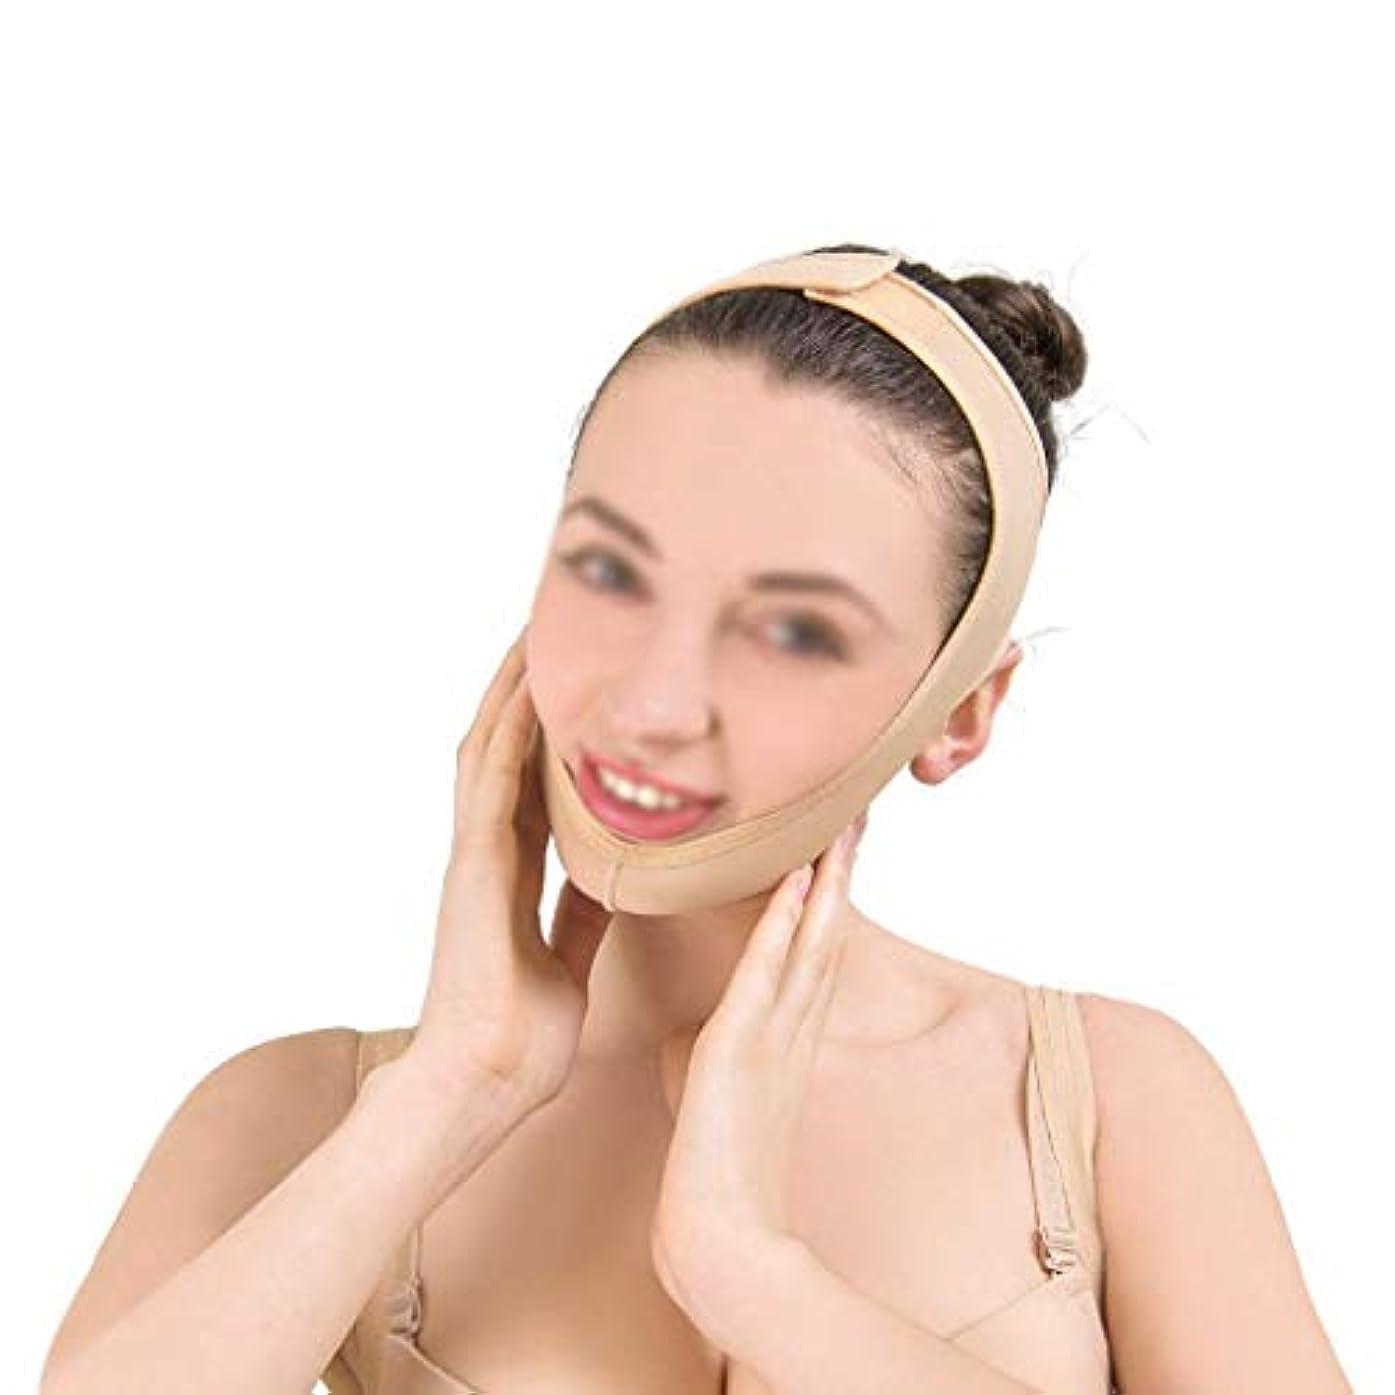 真似る失態工夫するフェイスシェイピングベルト、肌の包帯を持ち上げて引き締める、フェイスベルトを持ち上げる、快適で フェイシャルリフティングマスク(サイズ:S),M